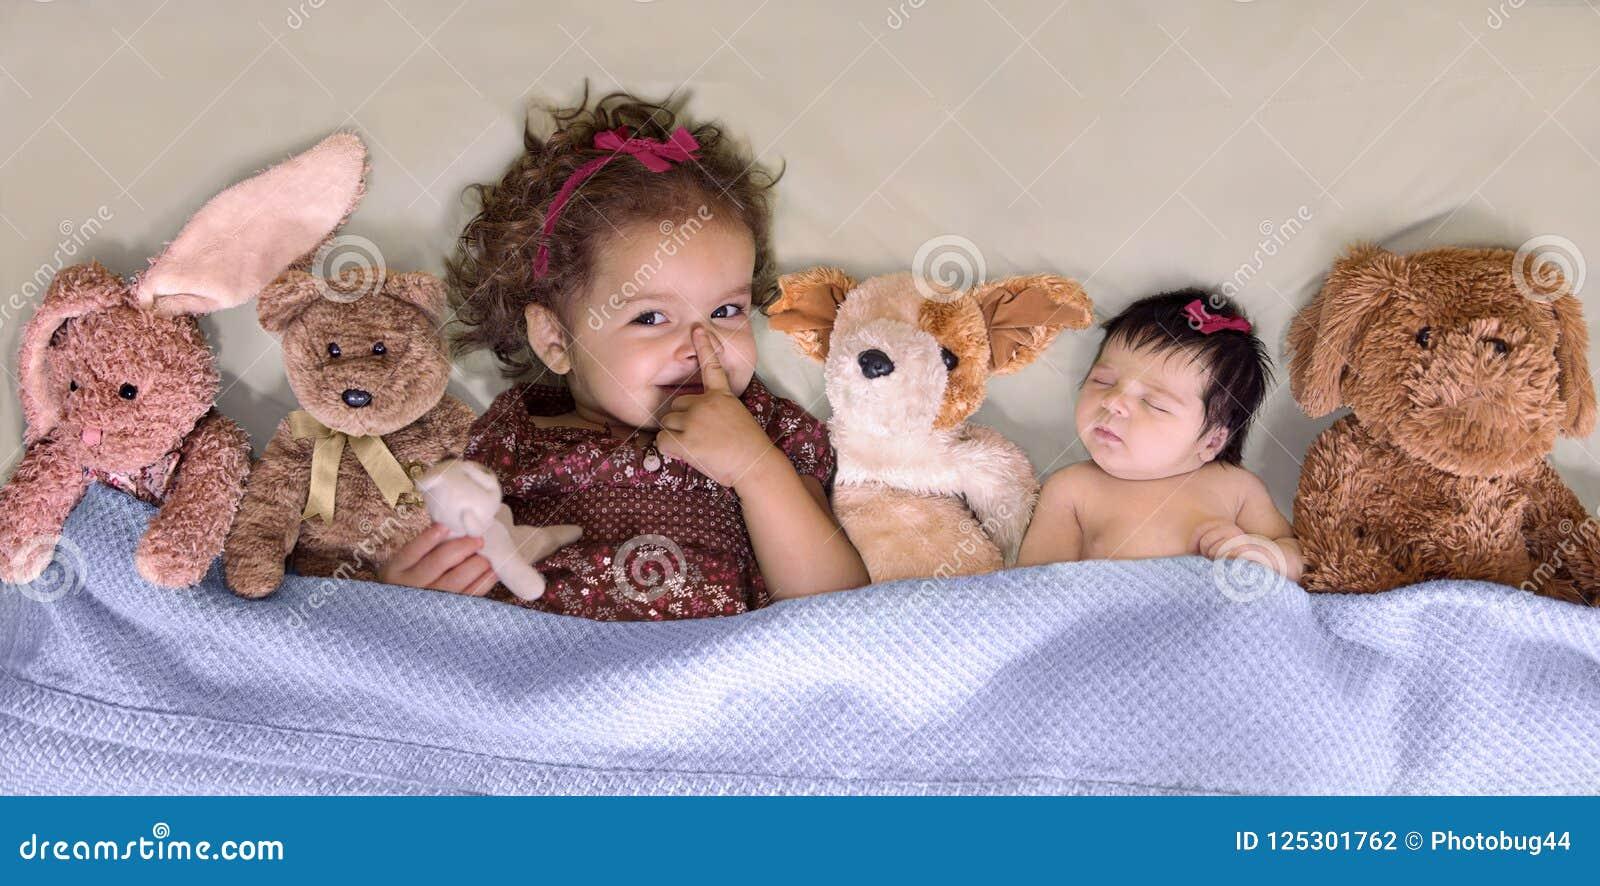 Berbeć dziewczyna gestykuluje dla zaciszności podczas gdy dziecko siostra śpi